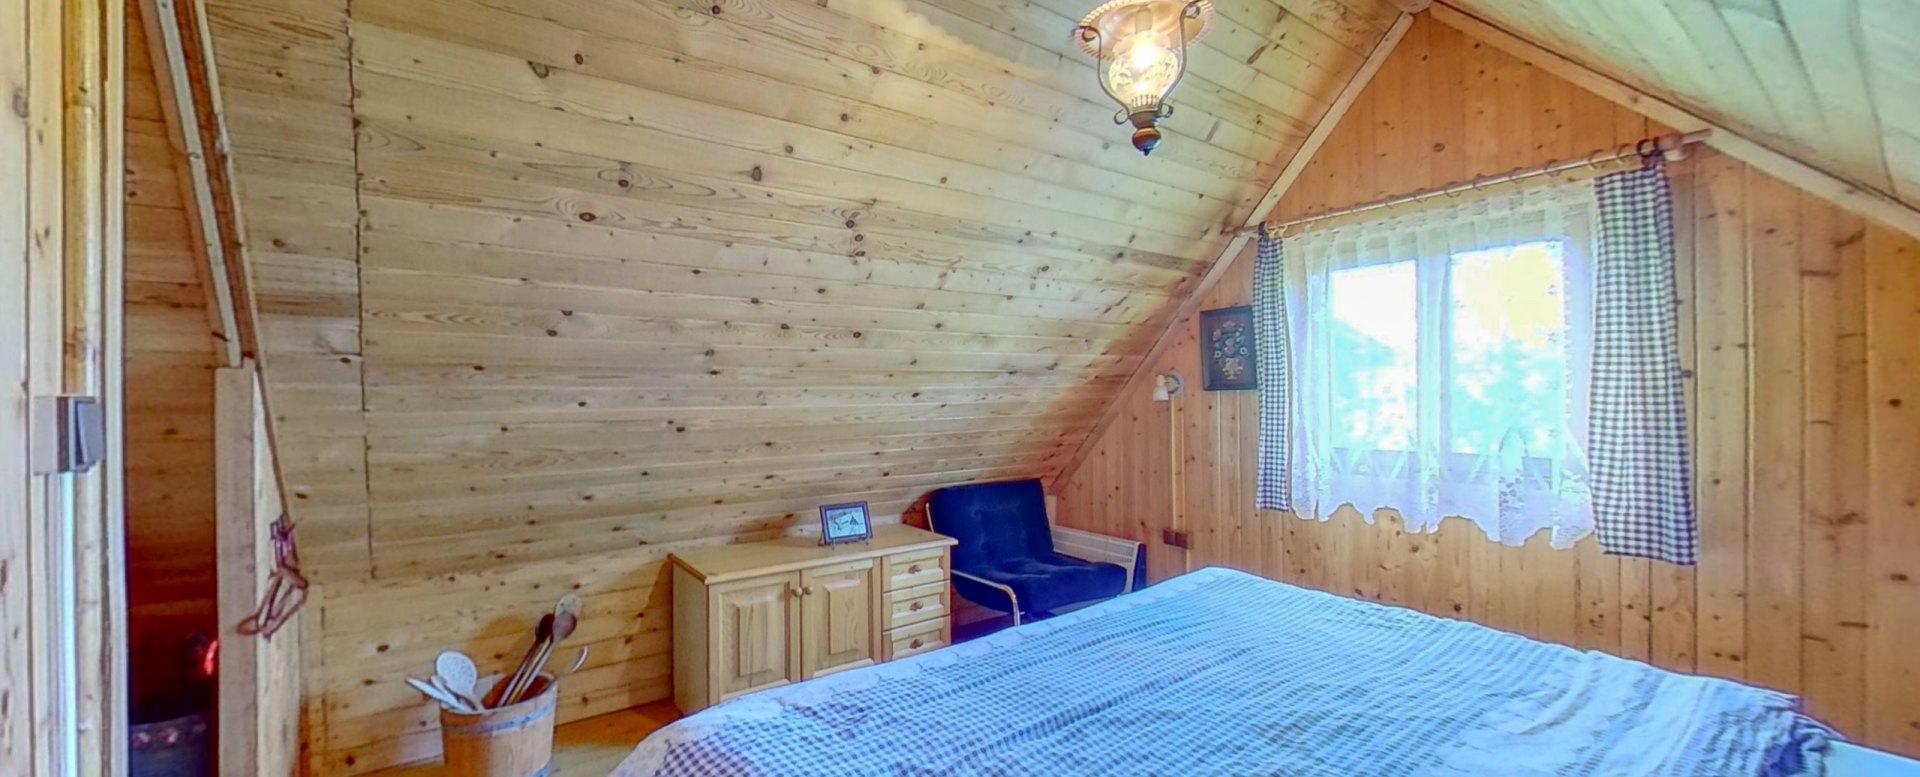 manželská posteľ v podkrový